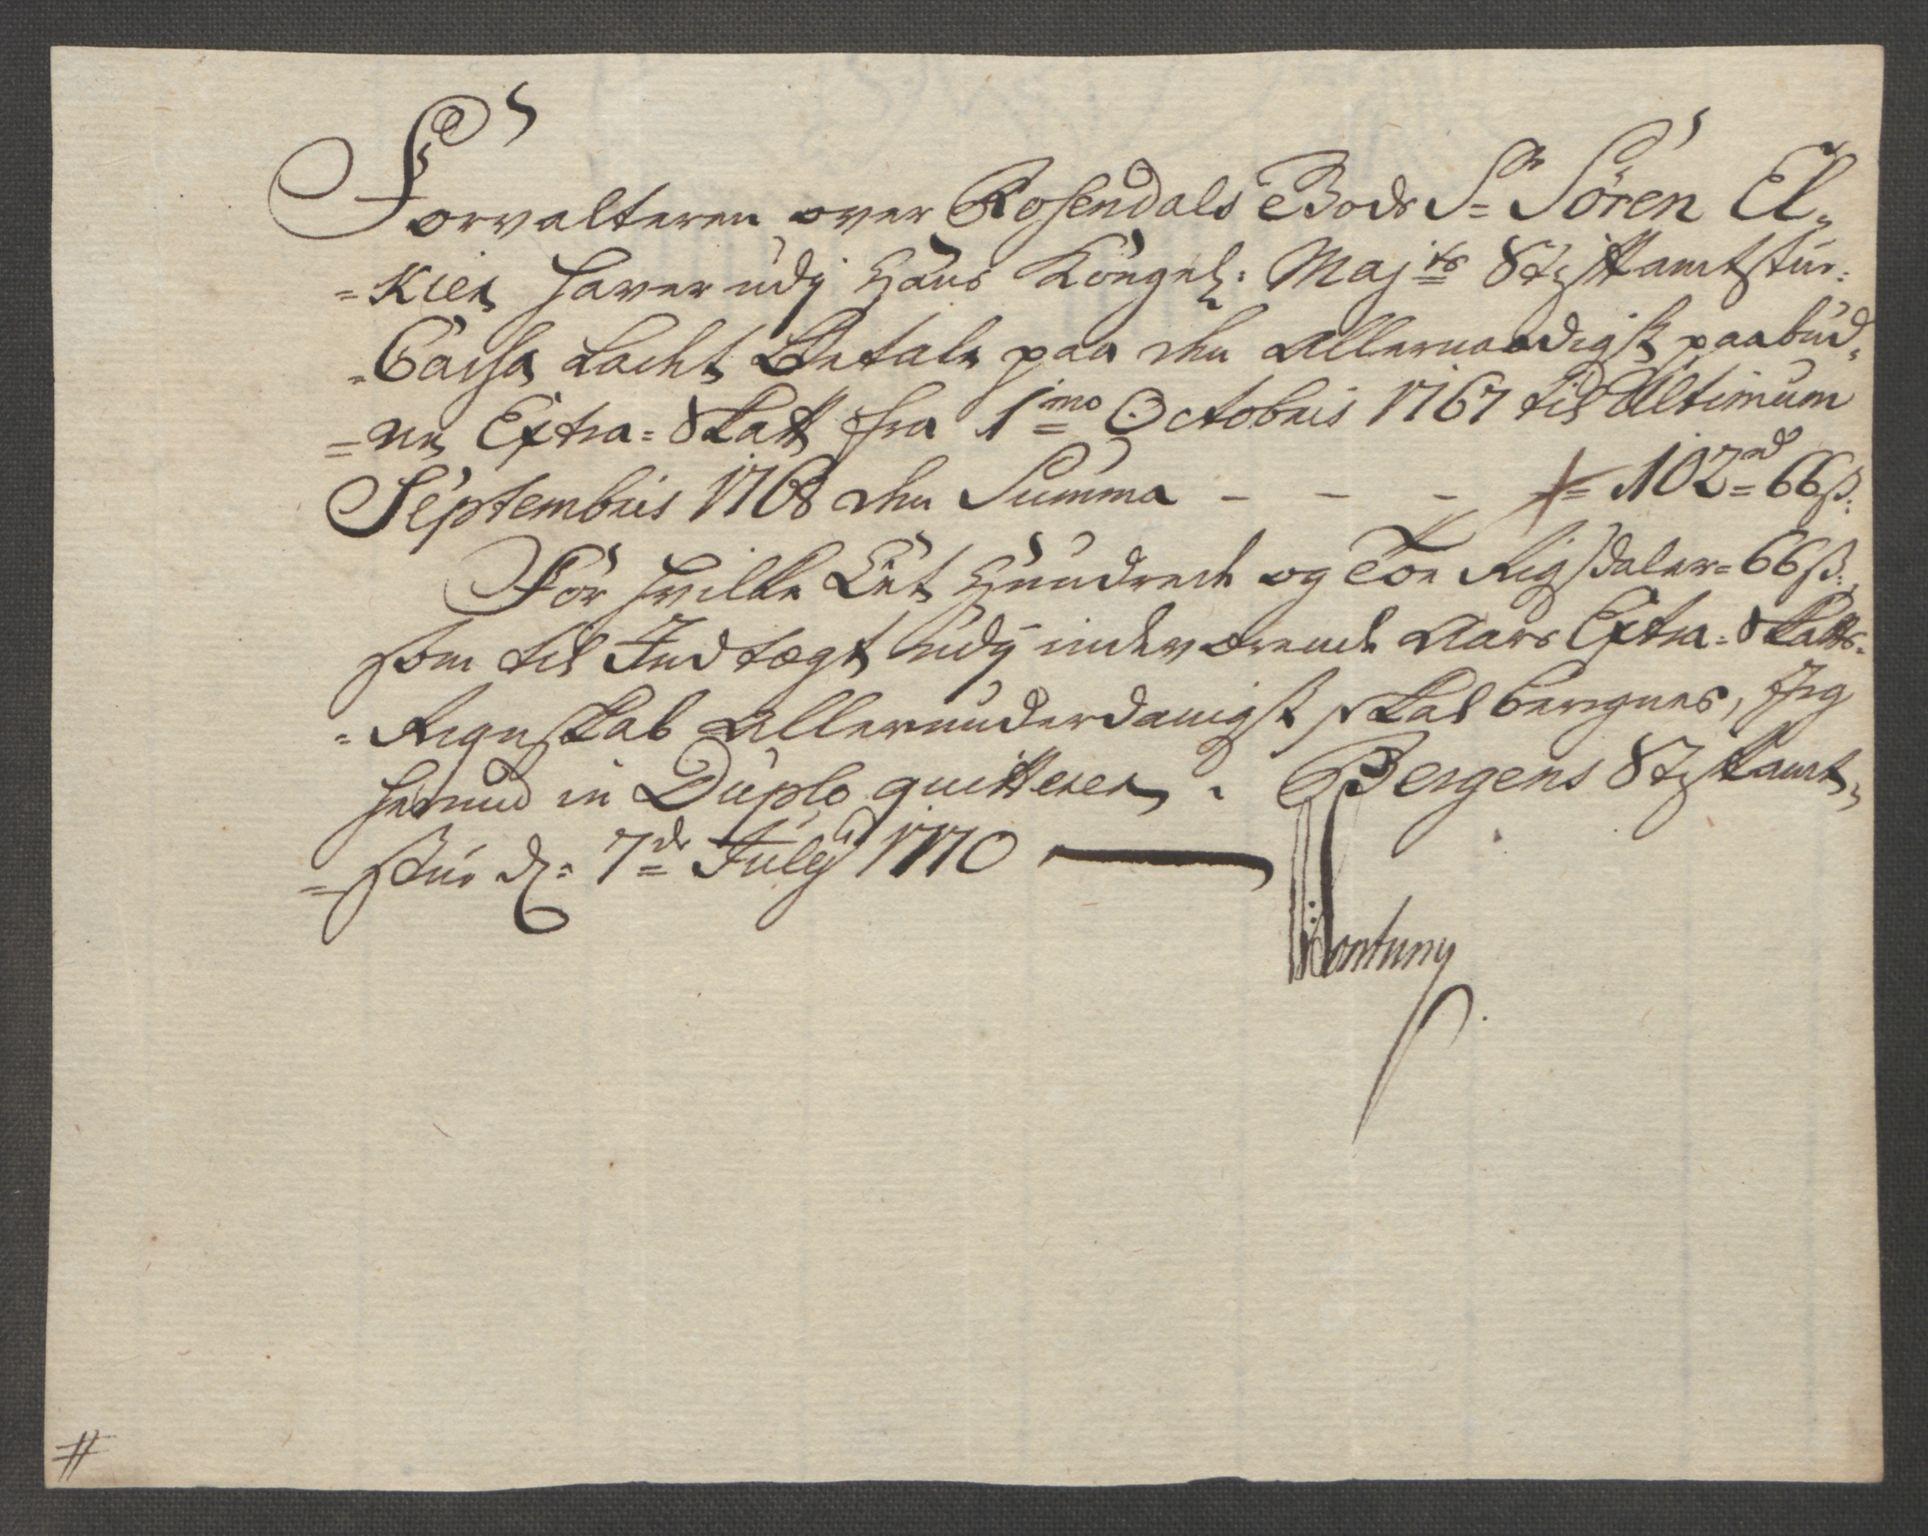 RA, Rentekammeret inntil 1814, Reviderte regnskaper, Fogderegnskap, R49/L3157: Ekstraskatten Rosendal Baroni, 1762-1772, s. 266